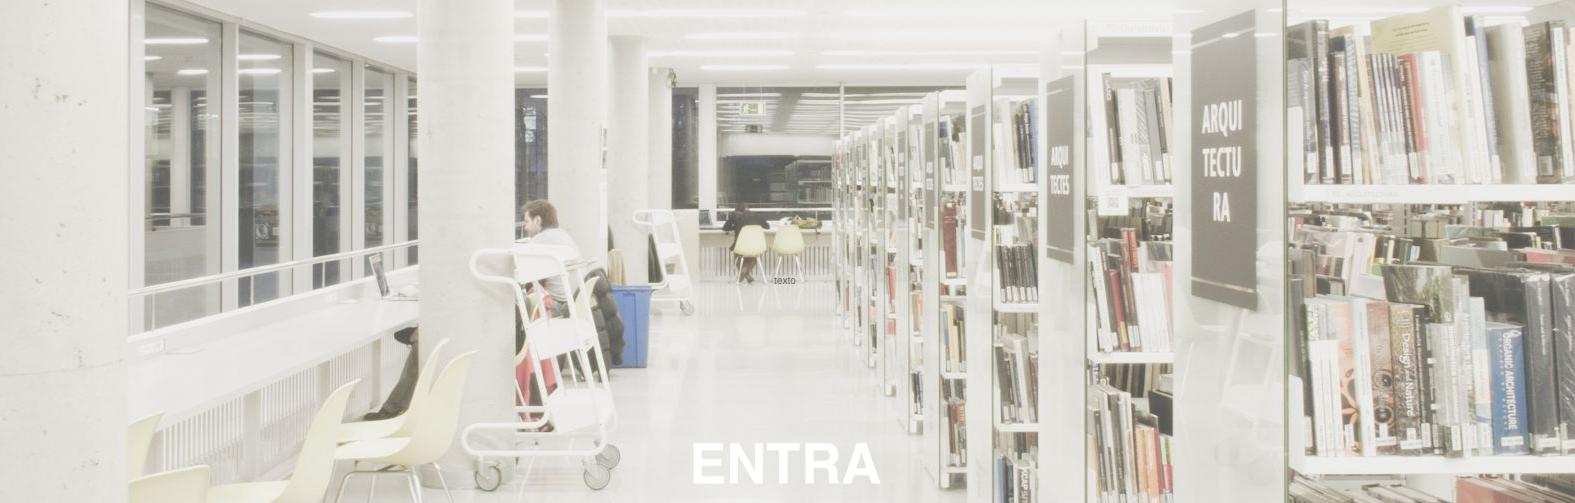 es_biblioteca.png